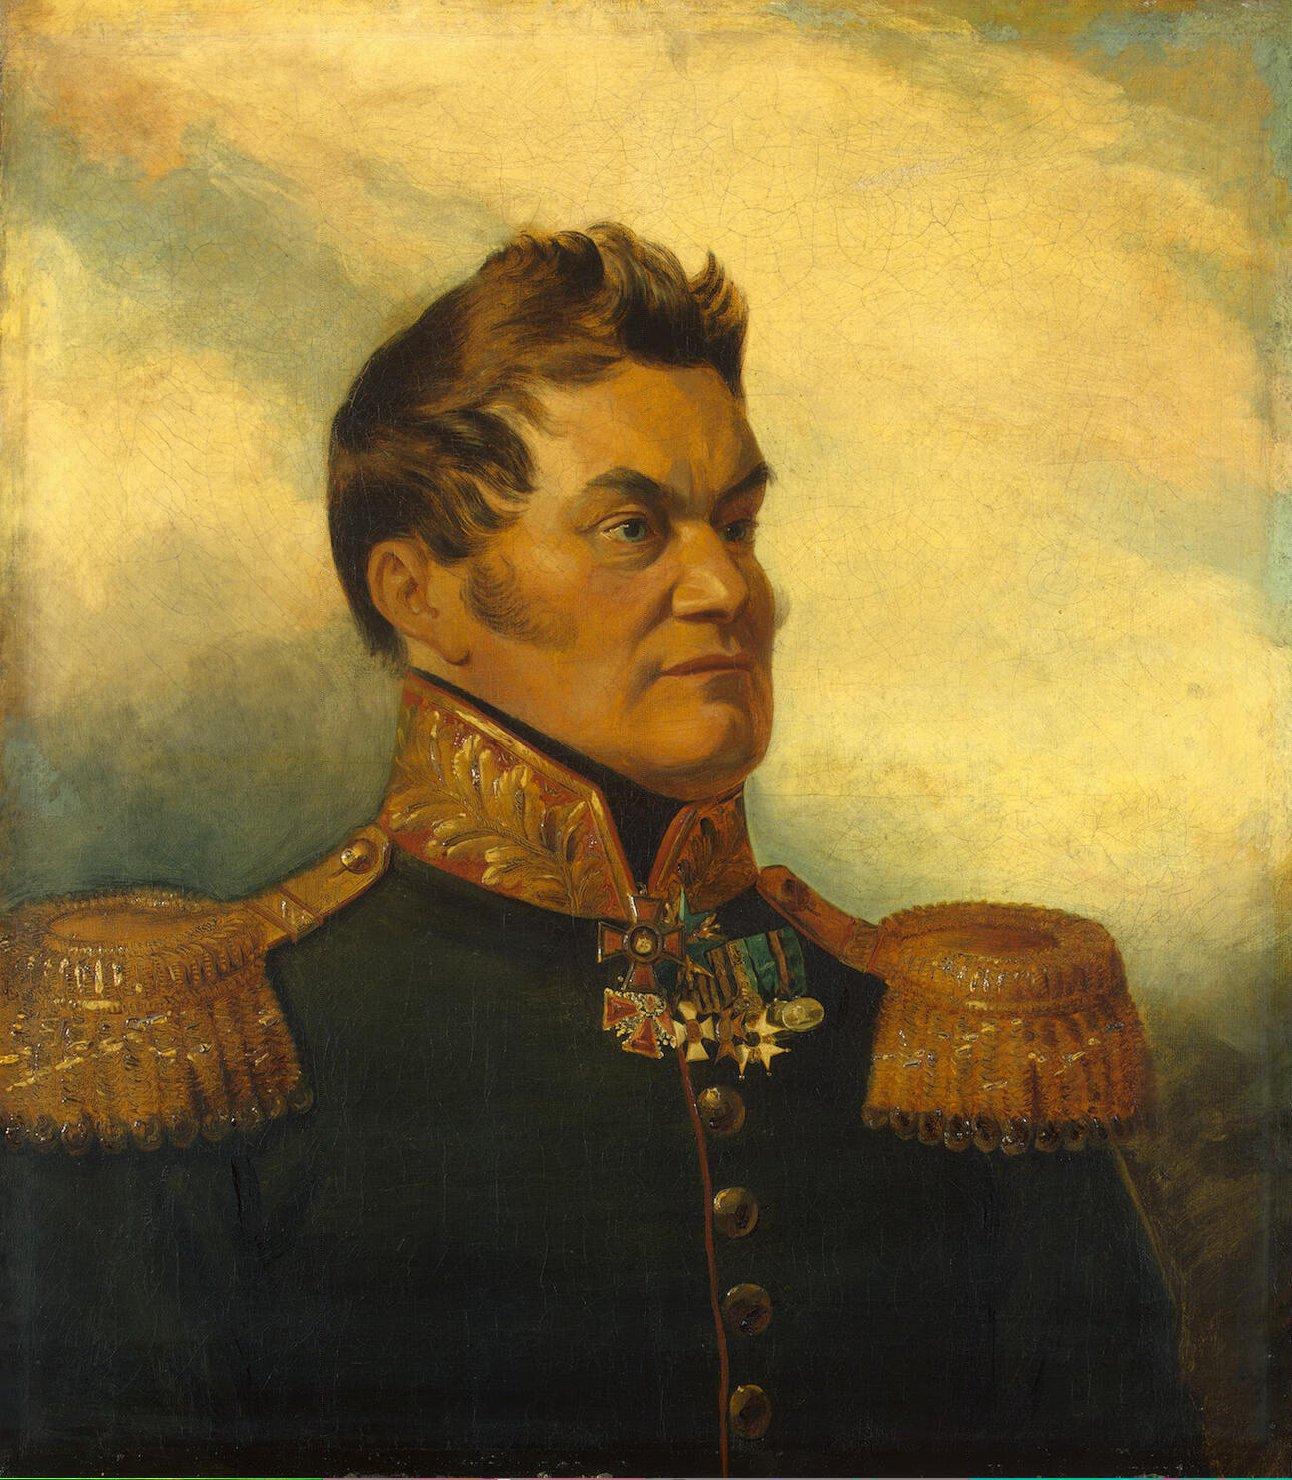 Богдановский, Андрей Васильевич